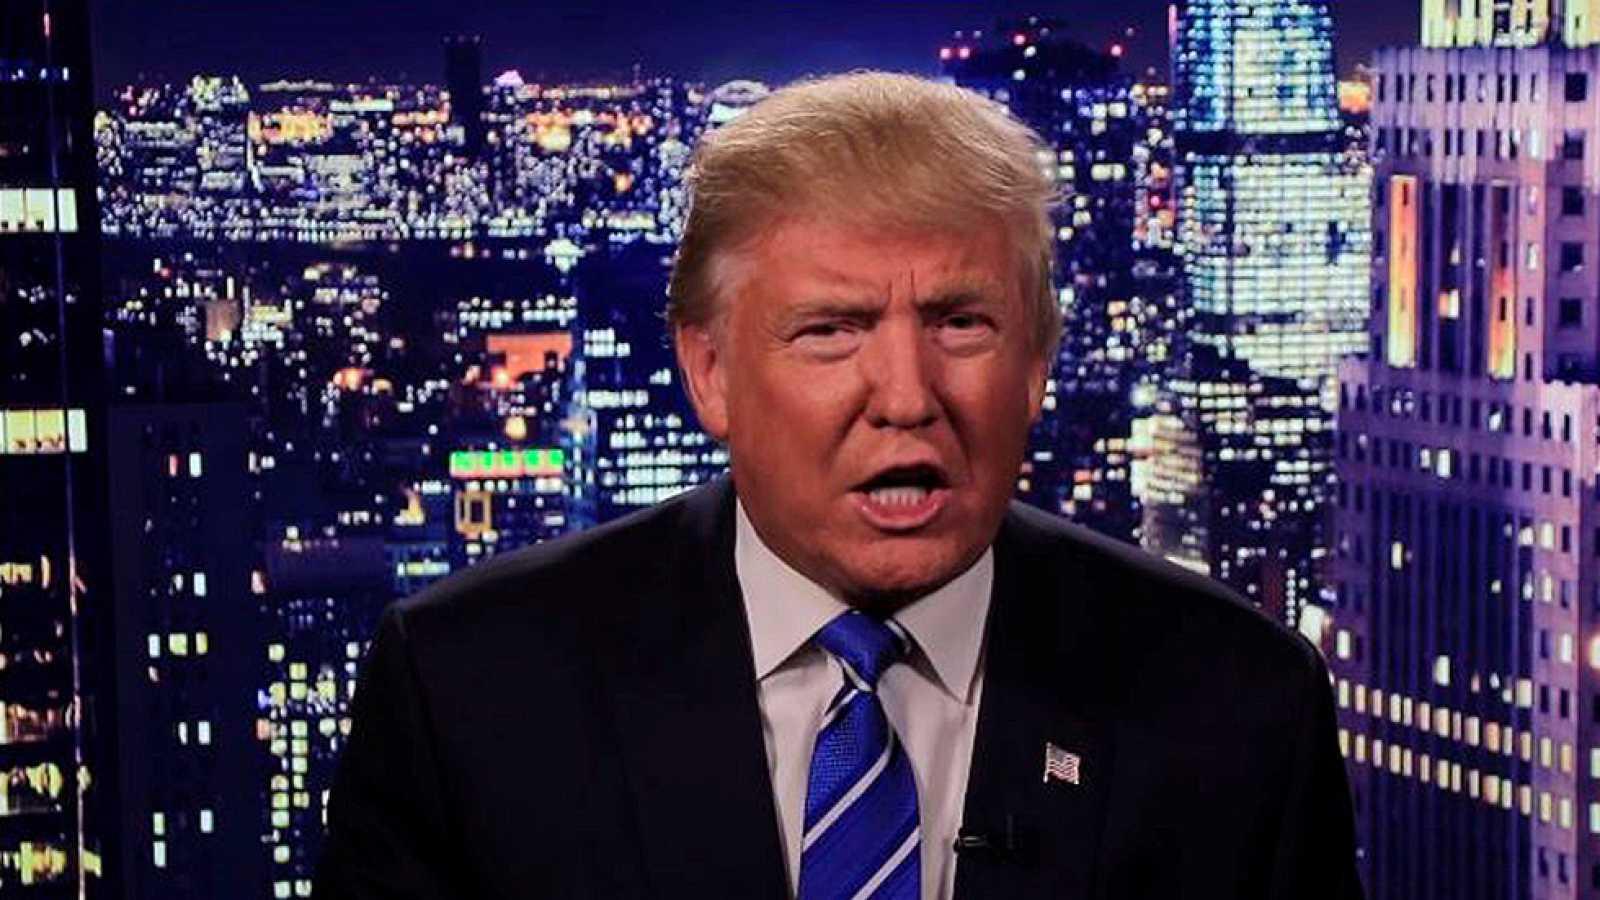 Una grabación de 2005 revela comentarios denigrantes de Donald Trump hacia las mujeres